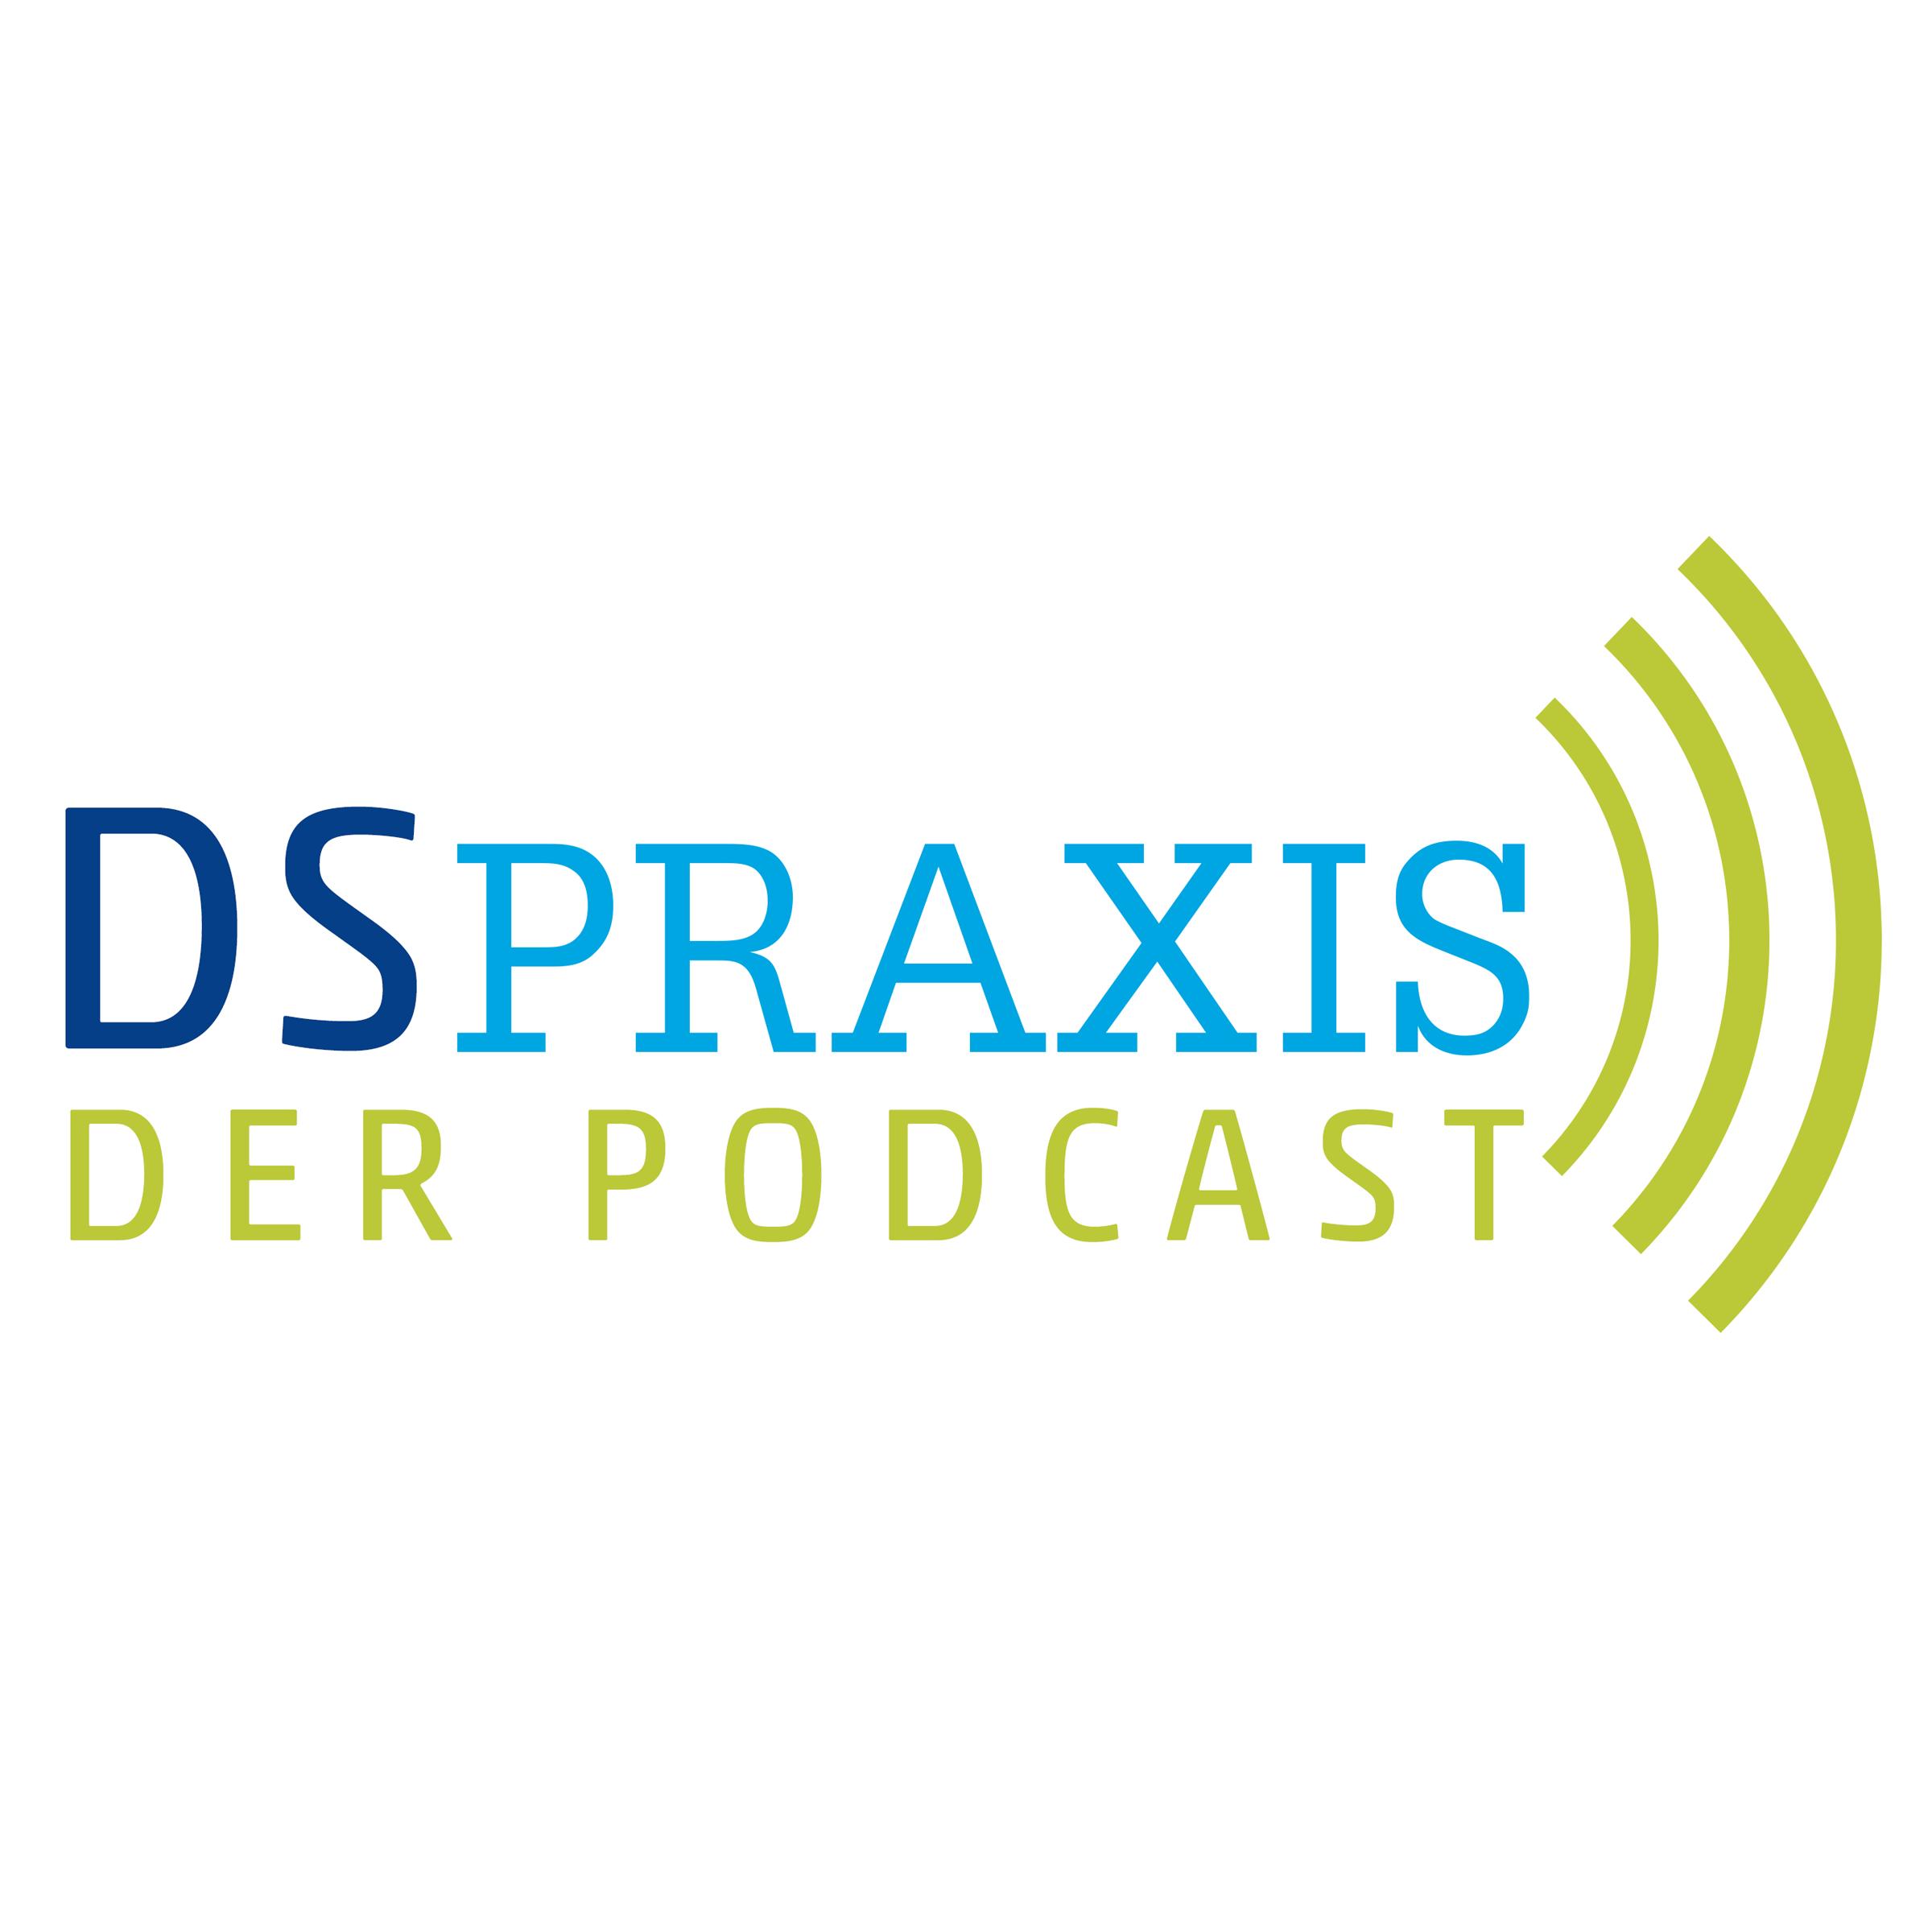 Besser mal nachfragen: Im Podcast von Datenschutz PRAXIS